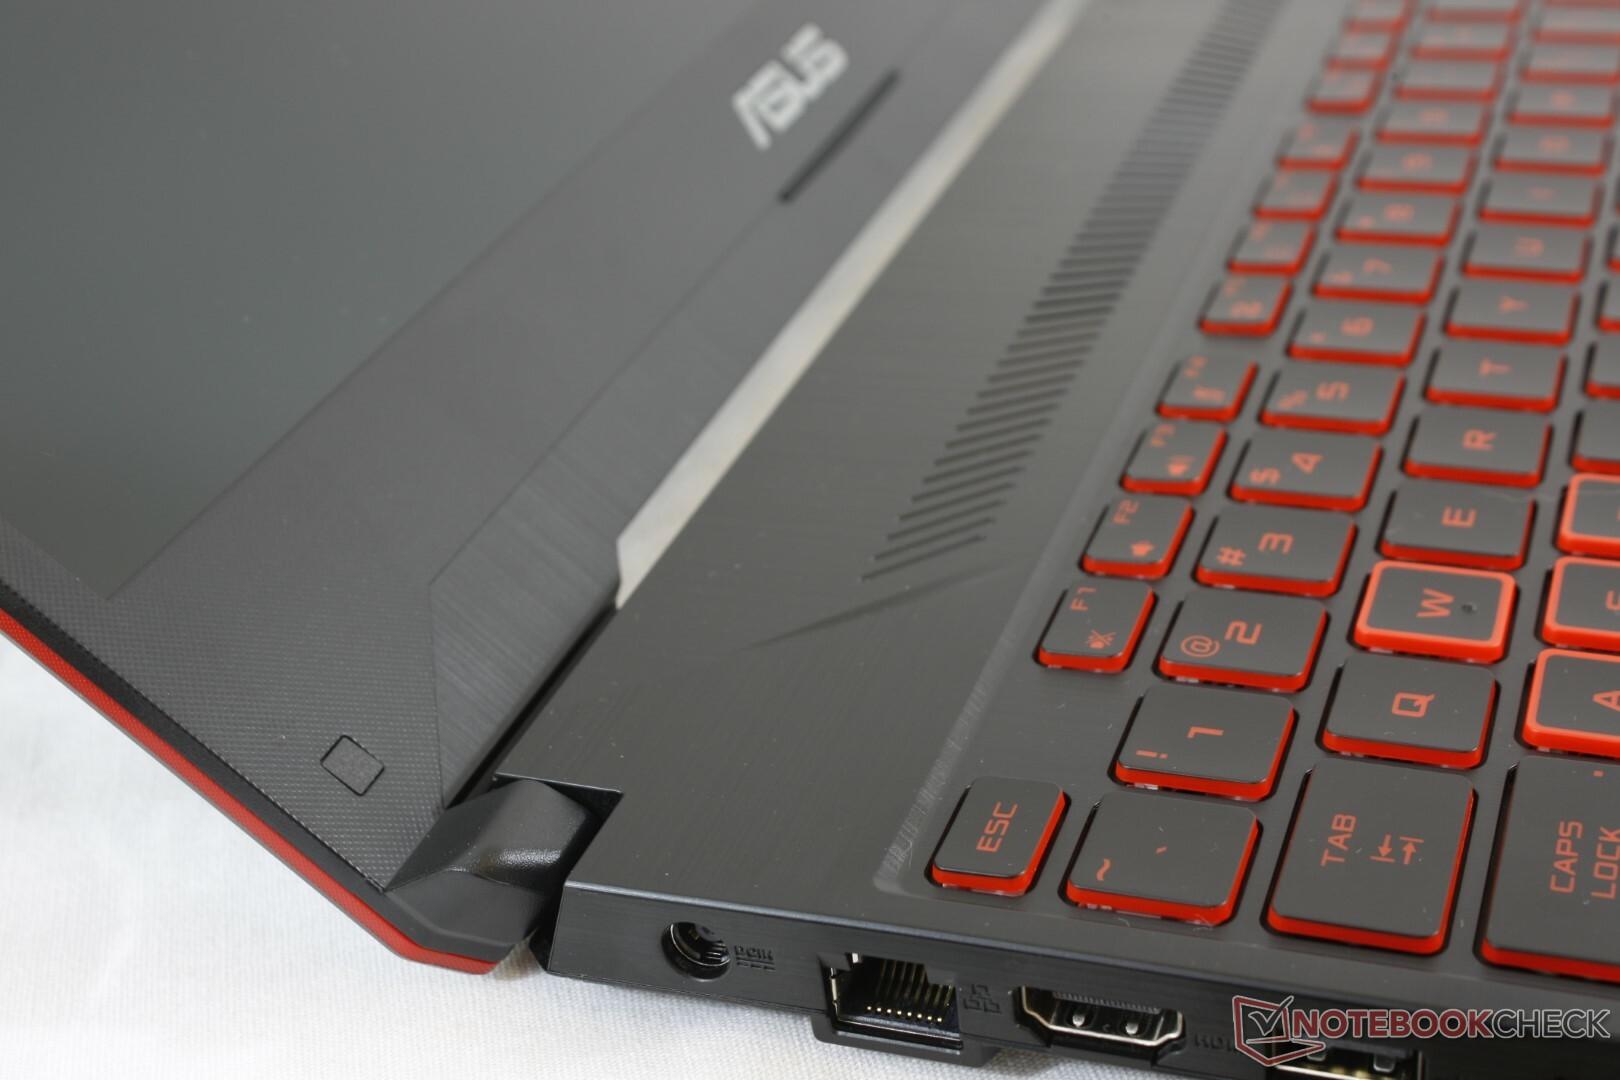 Asus TUF FX505DY (Ryzen 5 3550H, Radeon RX 560X) Laptop Review